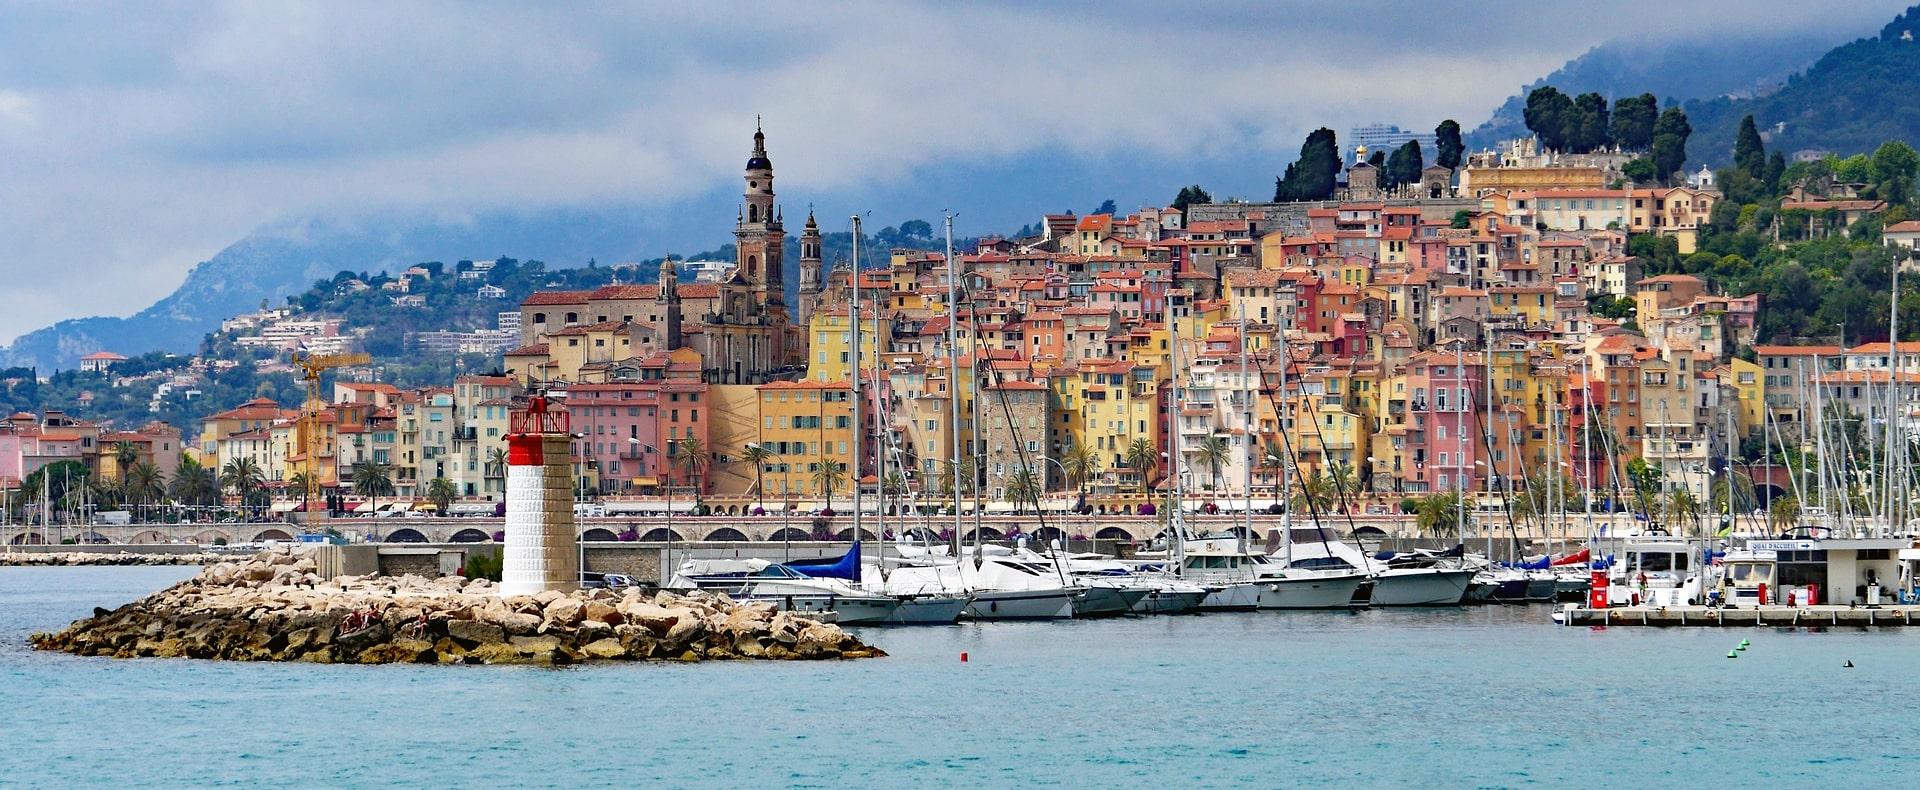 Le Mas, France